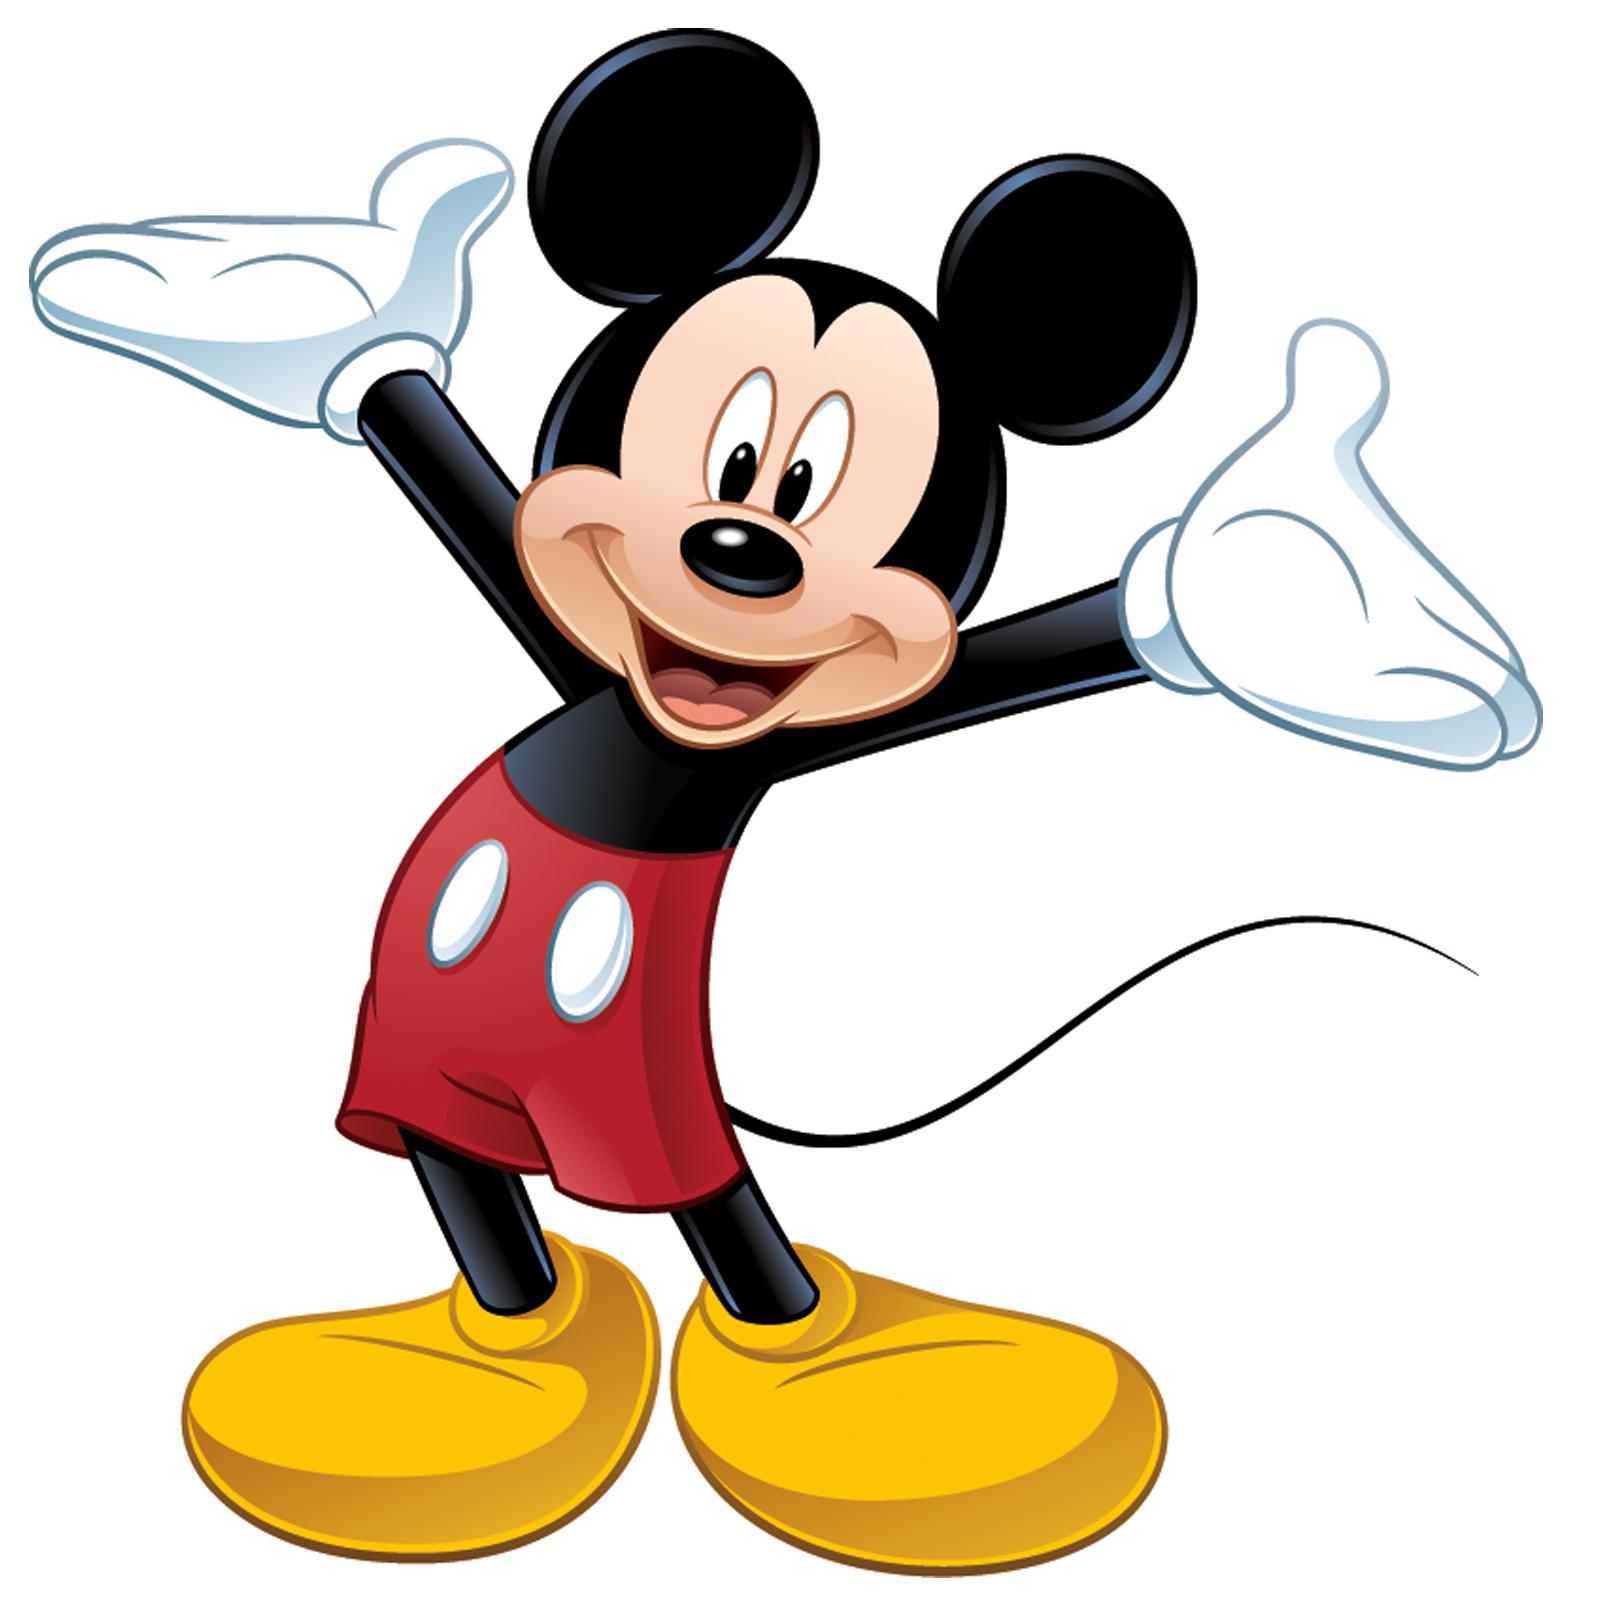 Hình ảnh chú chuột Mickey vươn hai tay chào mừng